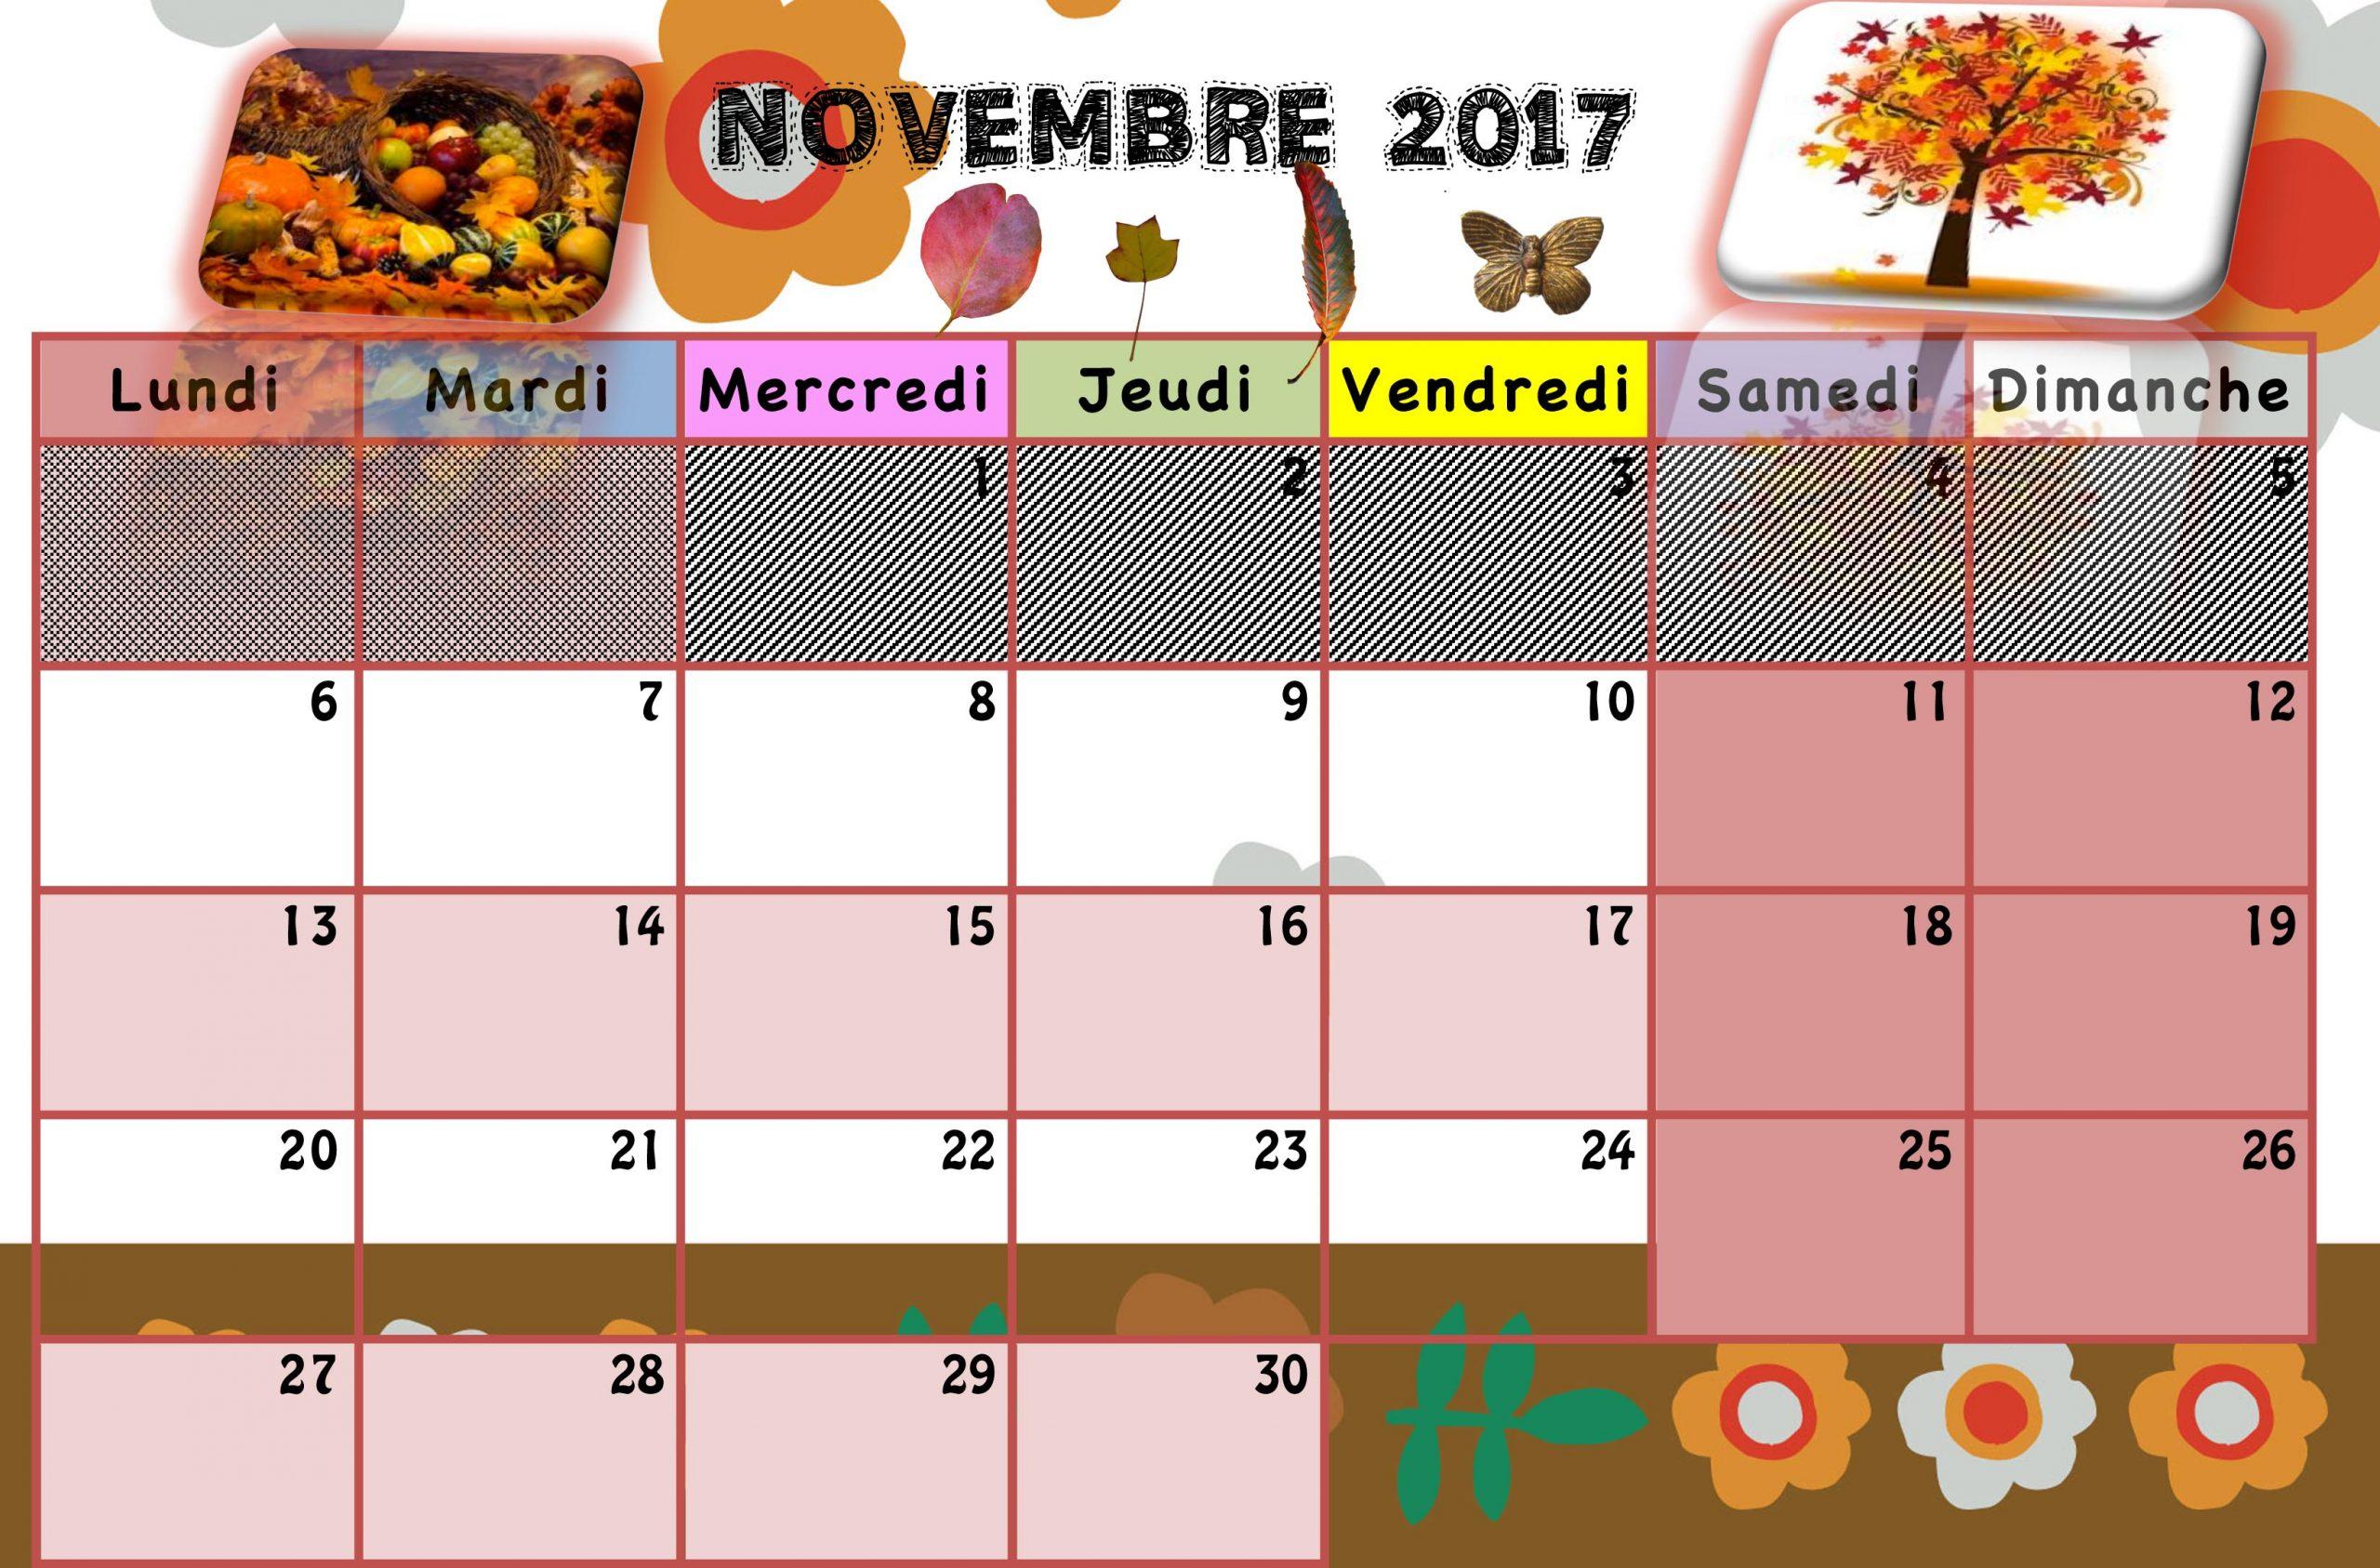 Calendriers Enfants 2017/2018 - La Classe De Luccia ! encequiconcerne Calendrier 2018 Enfant